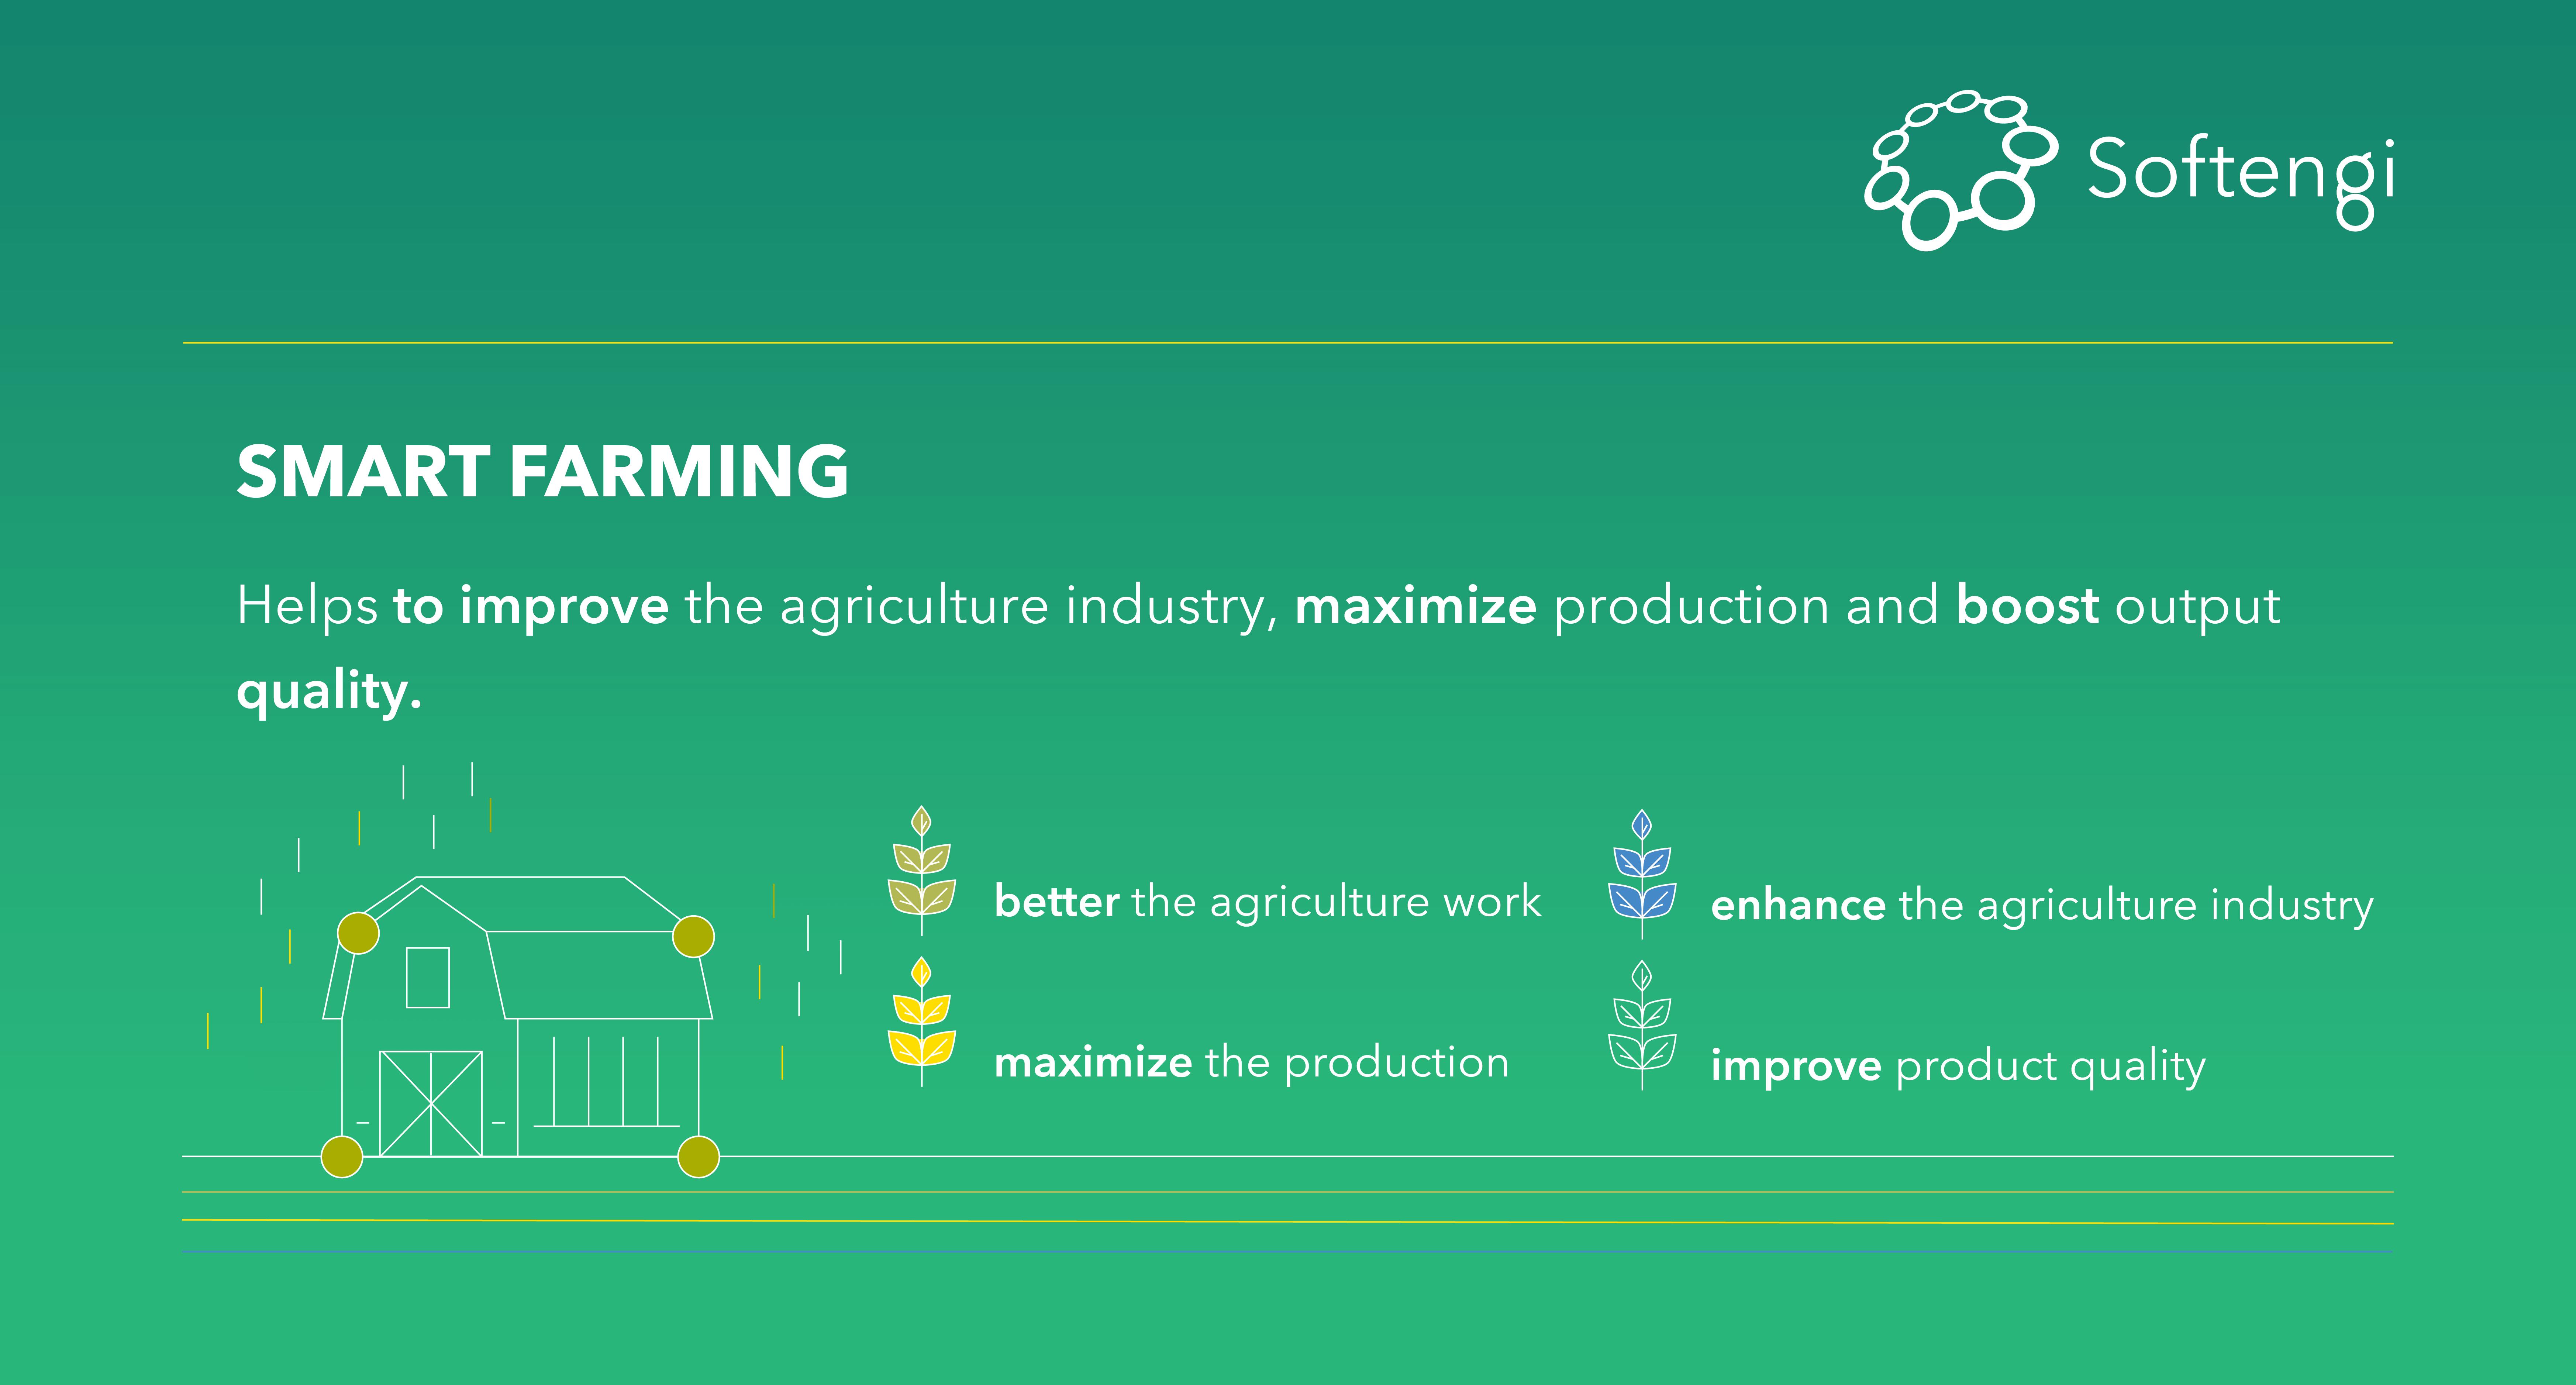 Smart Farming Softengi